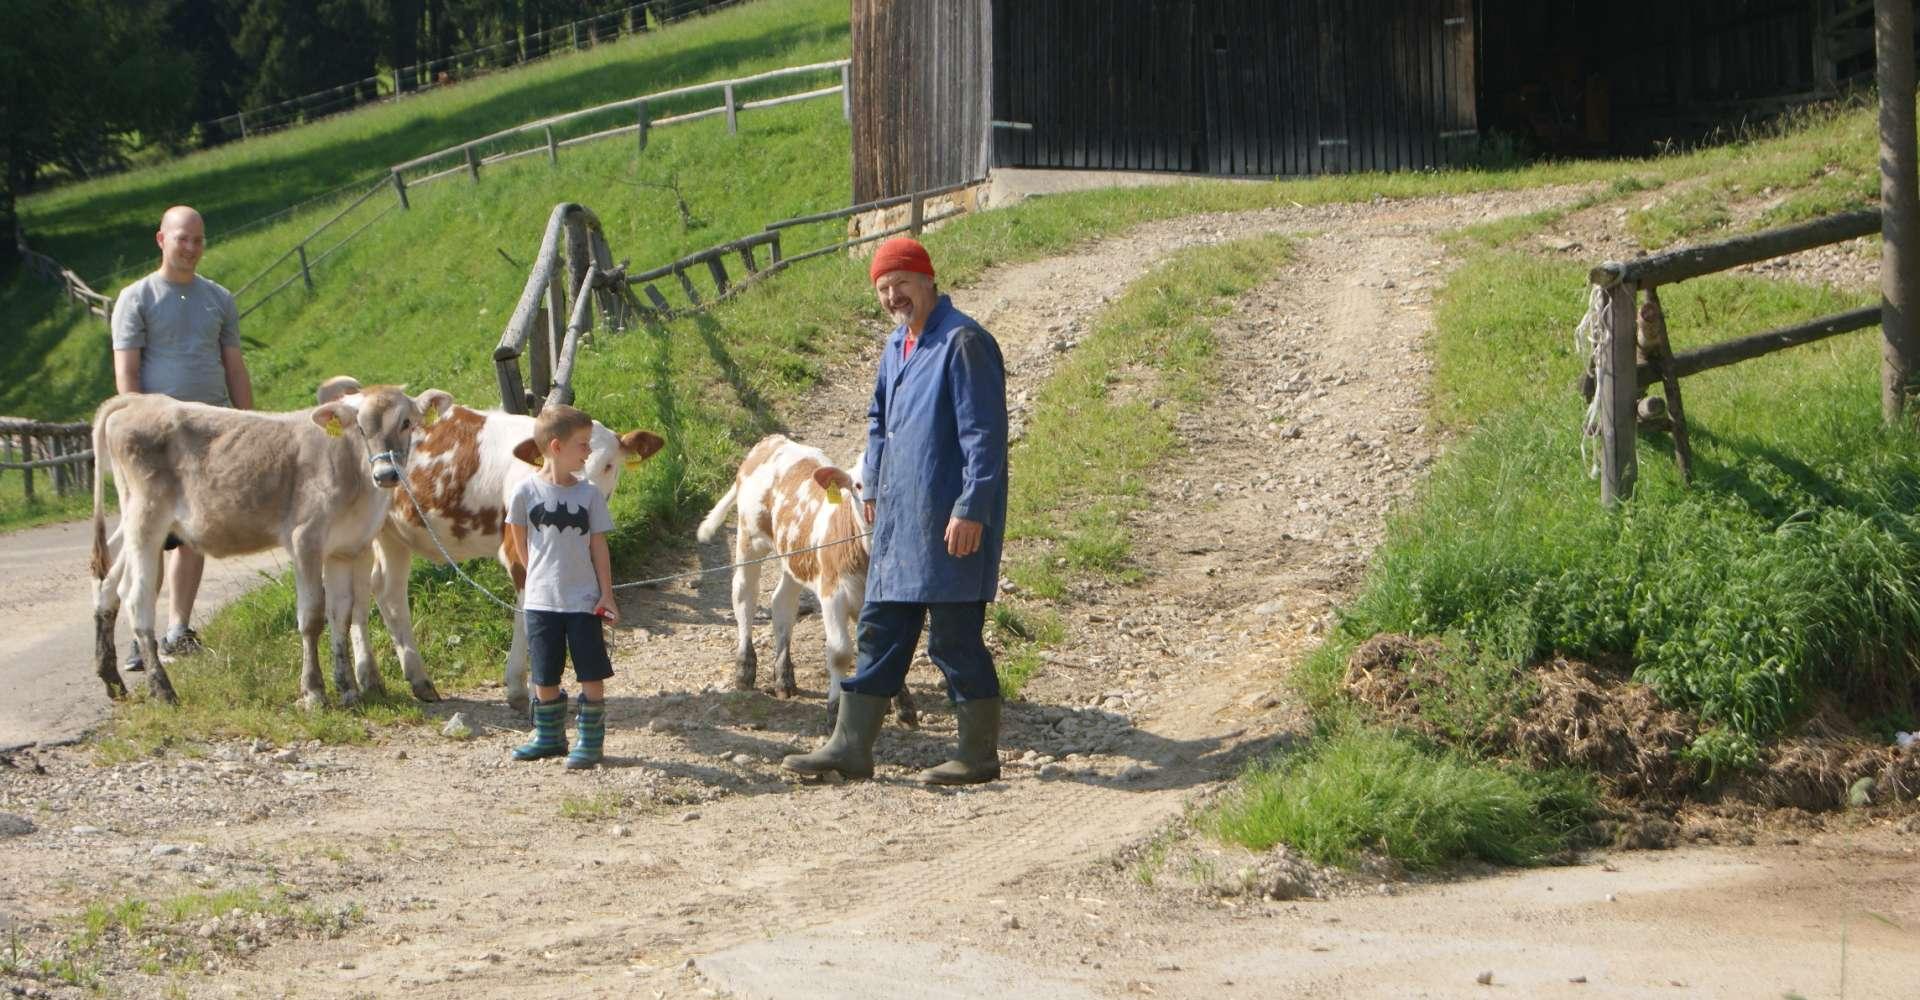 <p>Urlaub am Bauernhof bei der Familie Schindlbacher im Murtal heißt Teil der Familie sein. </p> Copyright:Bauernhof Schindlbacher vlg. Marx